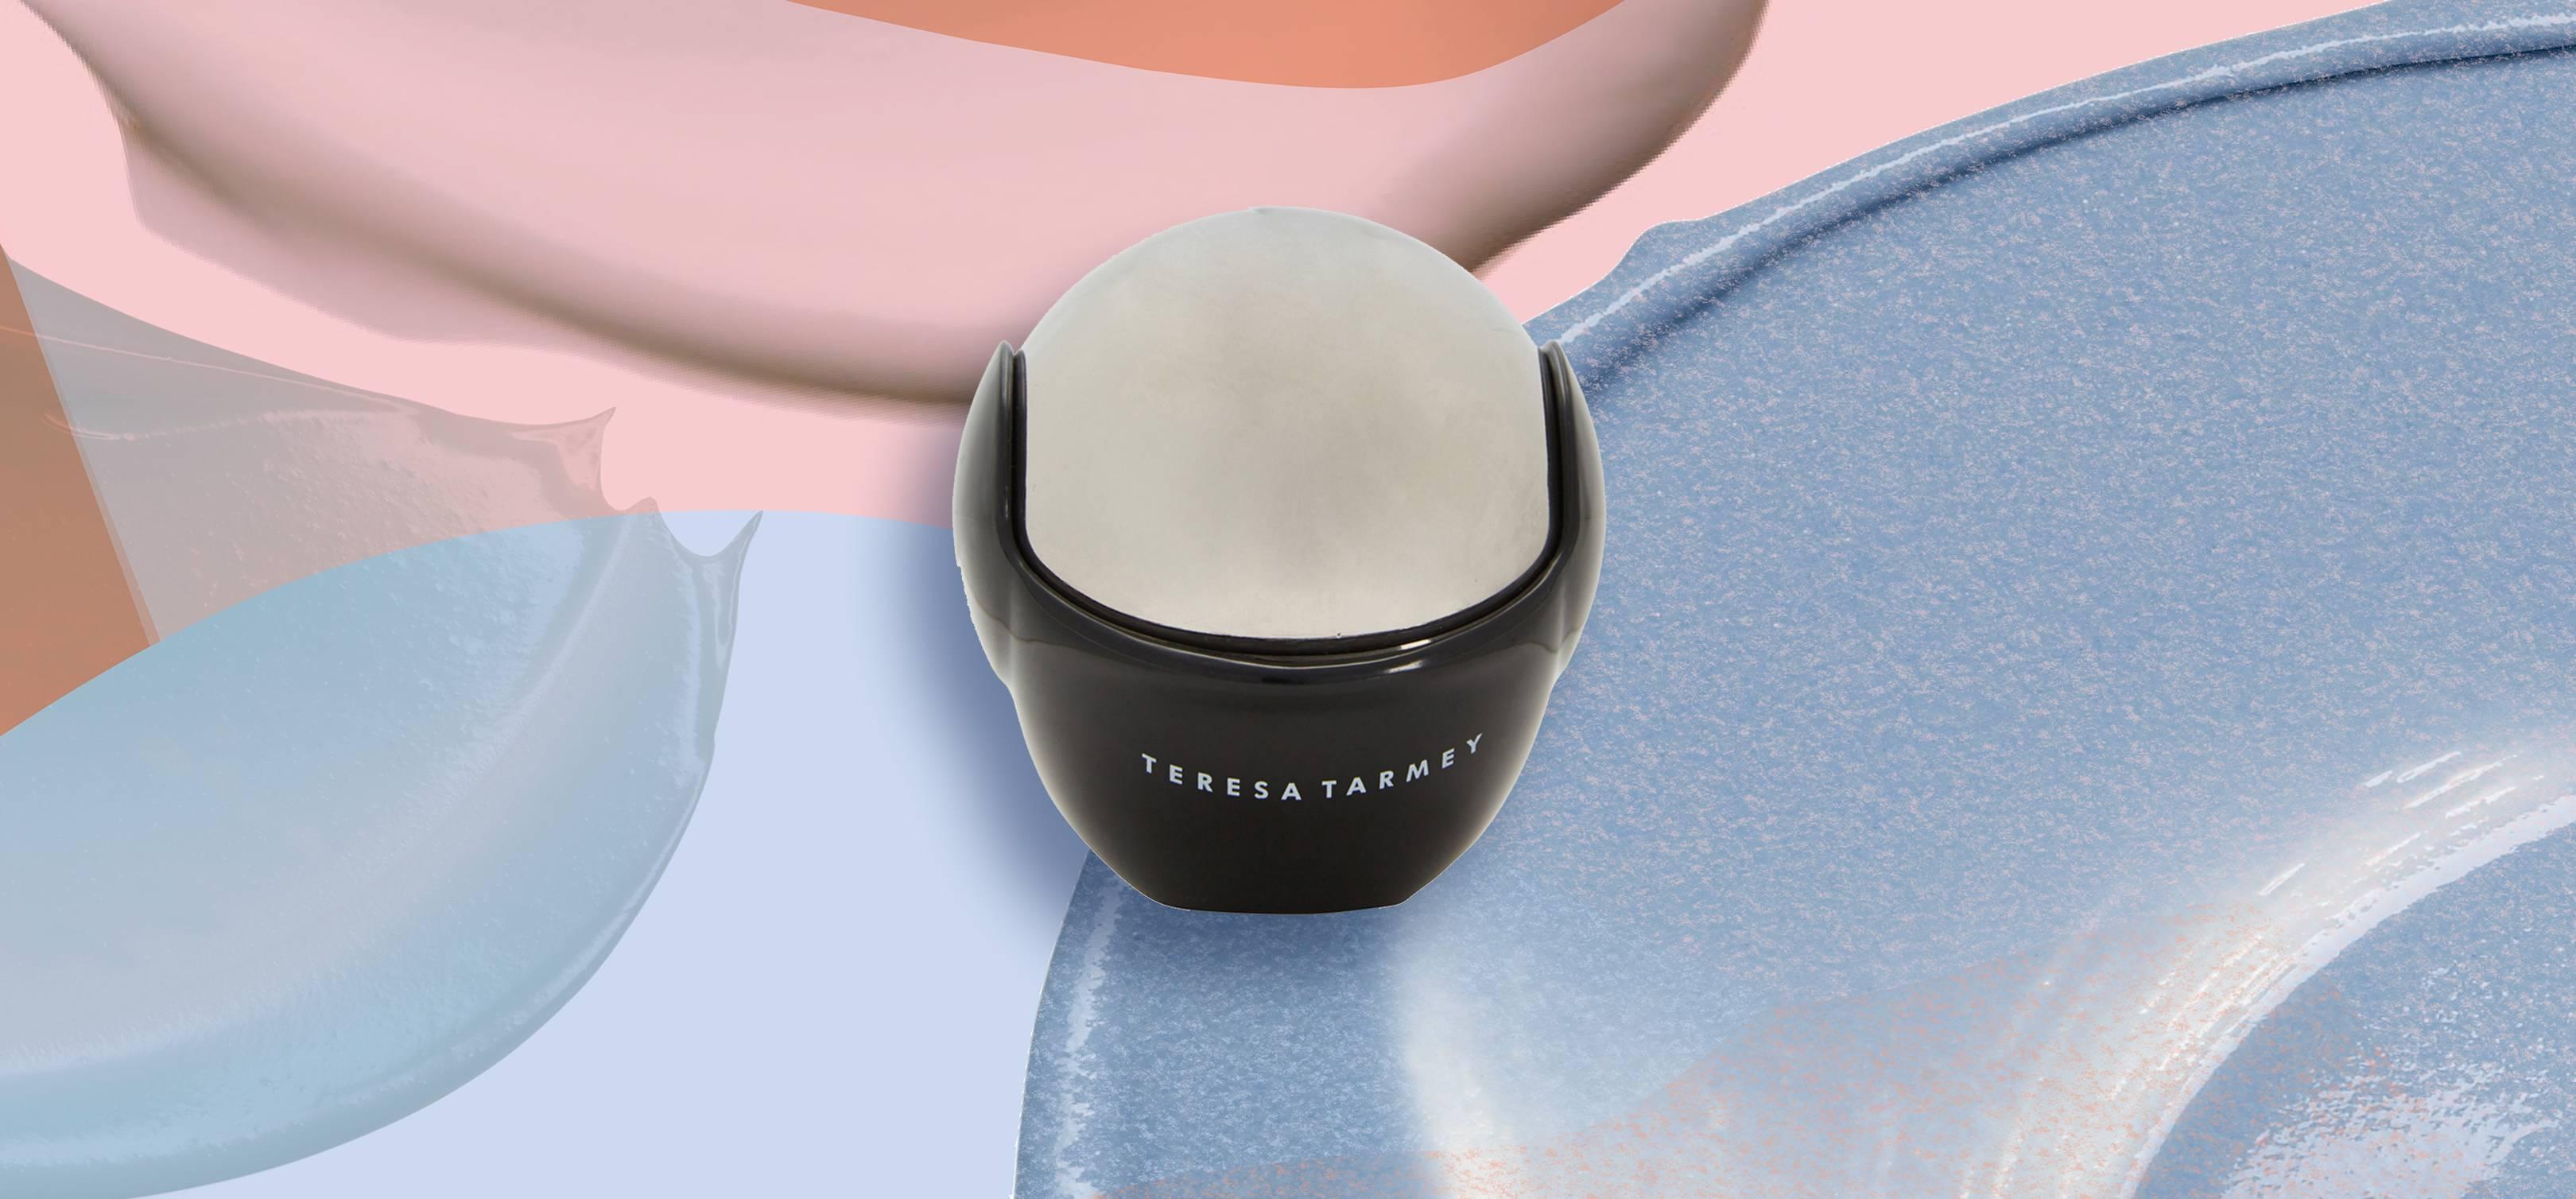 Cryotherapy Freezing Facial: Teresa Tarmey Review | Glamour UK